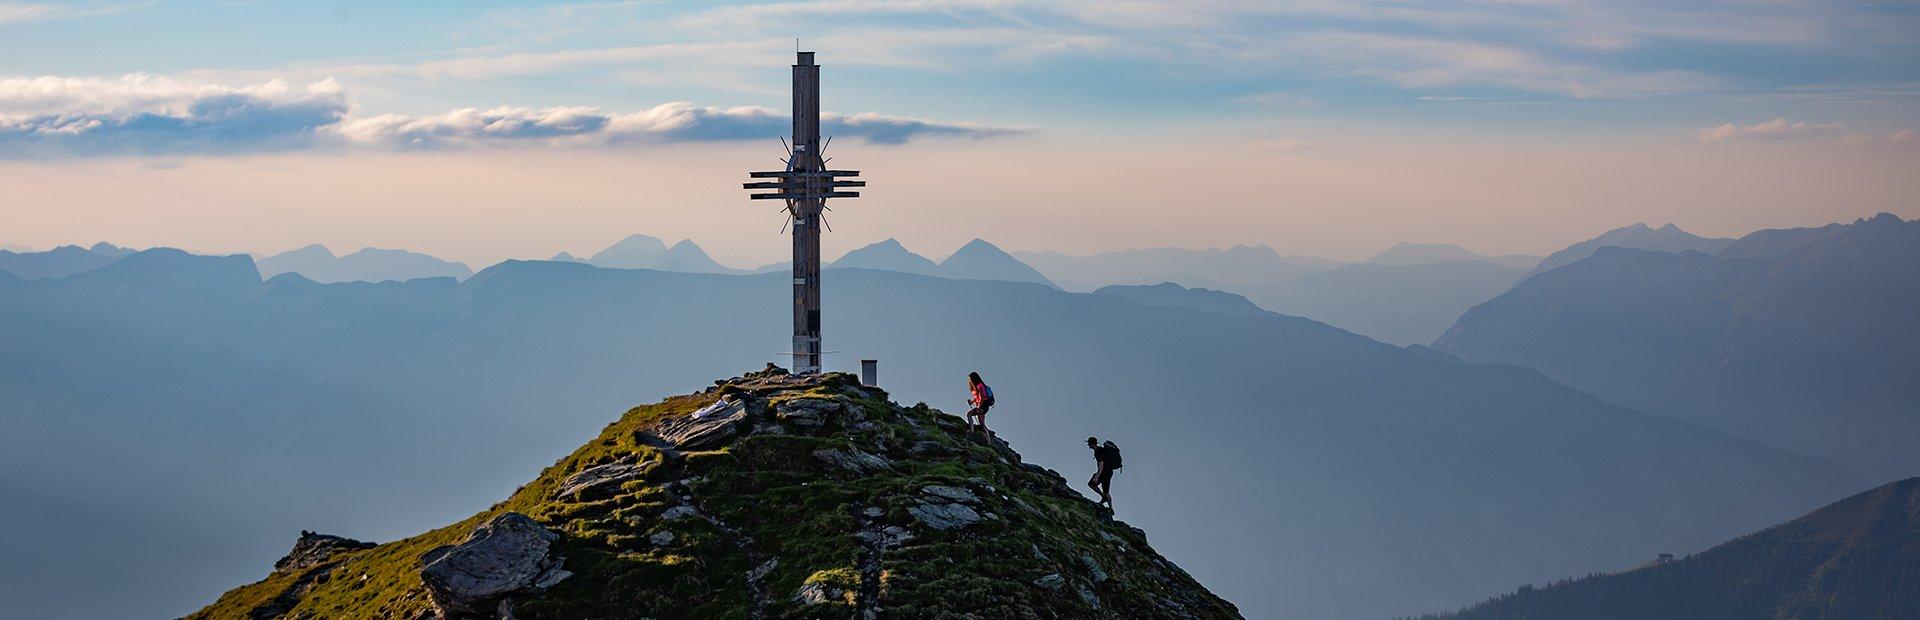 Hochfügen, das idyllische Bergdorf im Zillertal, ist im Sommer ein wahres Wanderparadies in Tirol